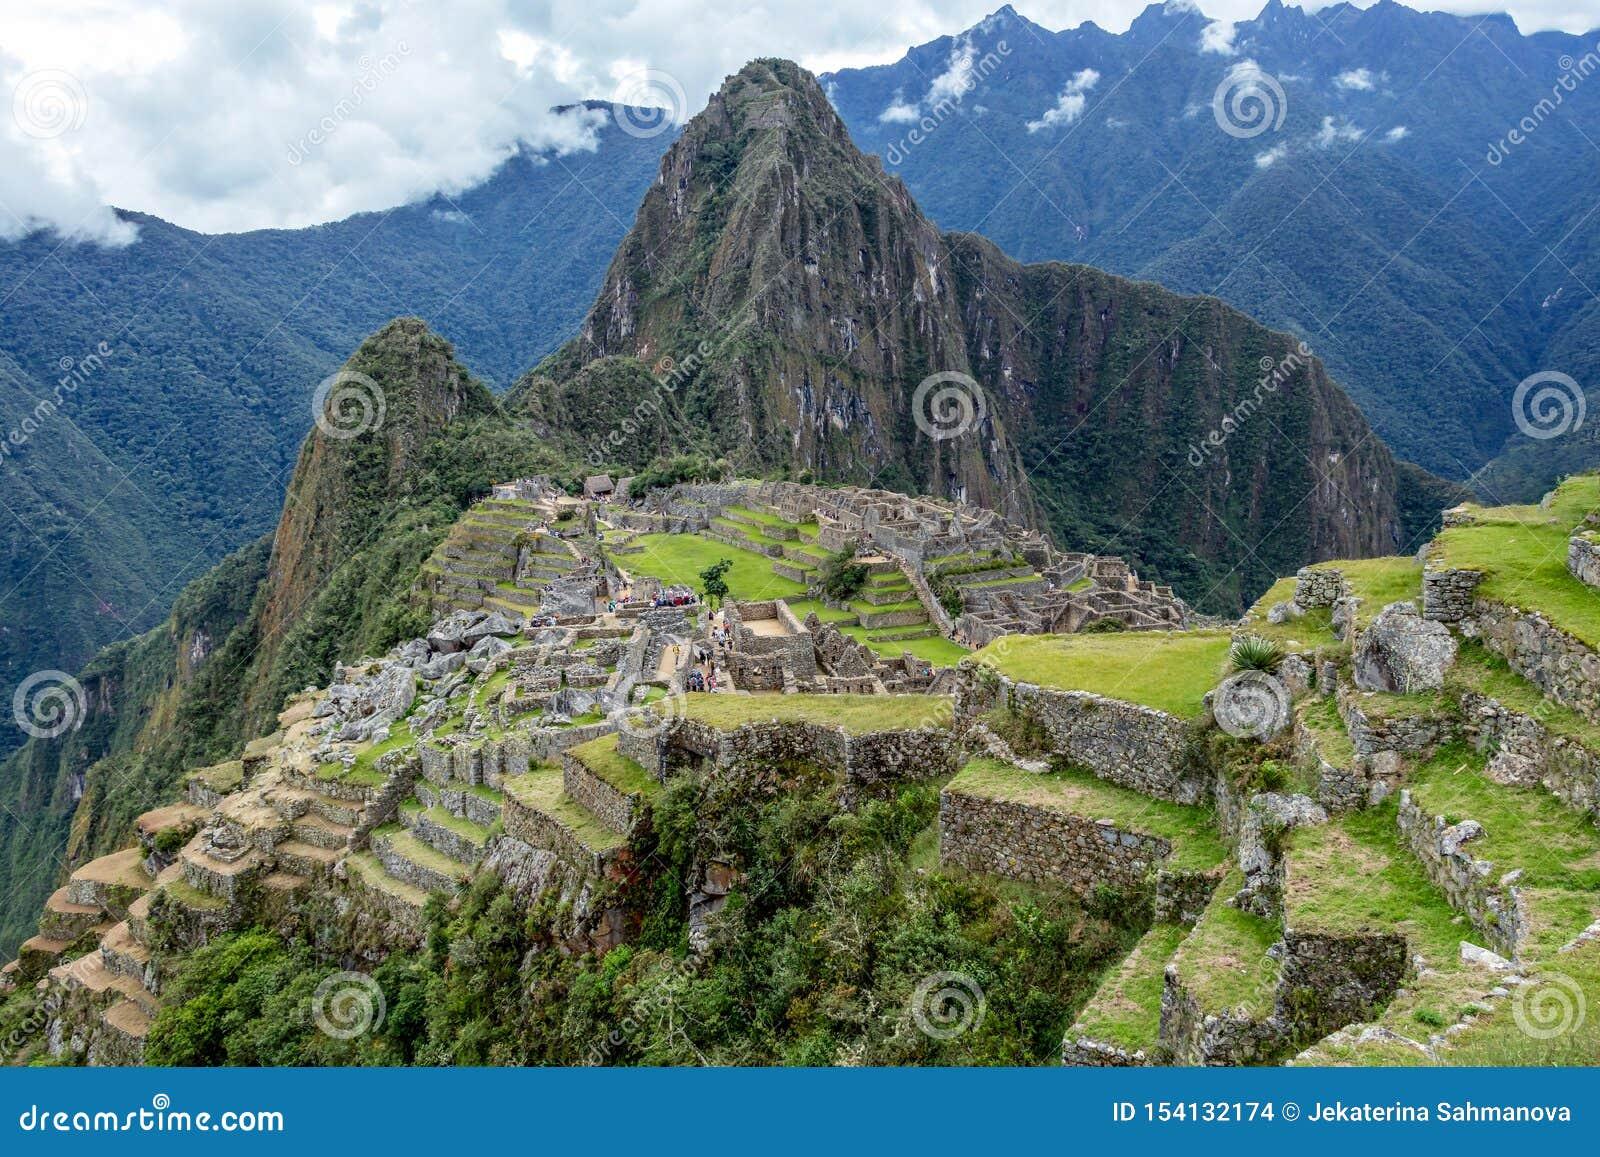 Ruinas abandonadas de la ciudadela Incan de Machu Picchu, del laberinto de terrazas y de las paredes que suben de la maleza grues